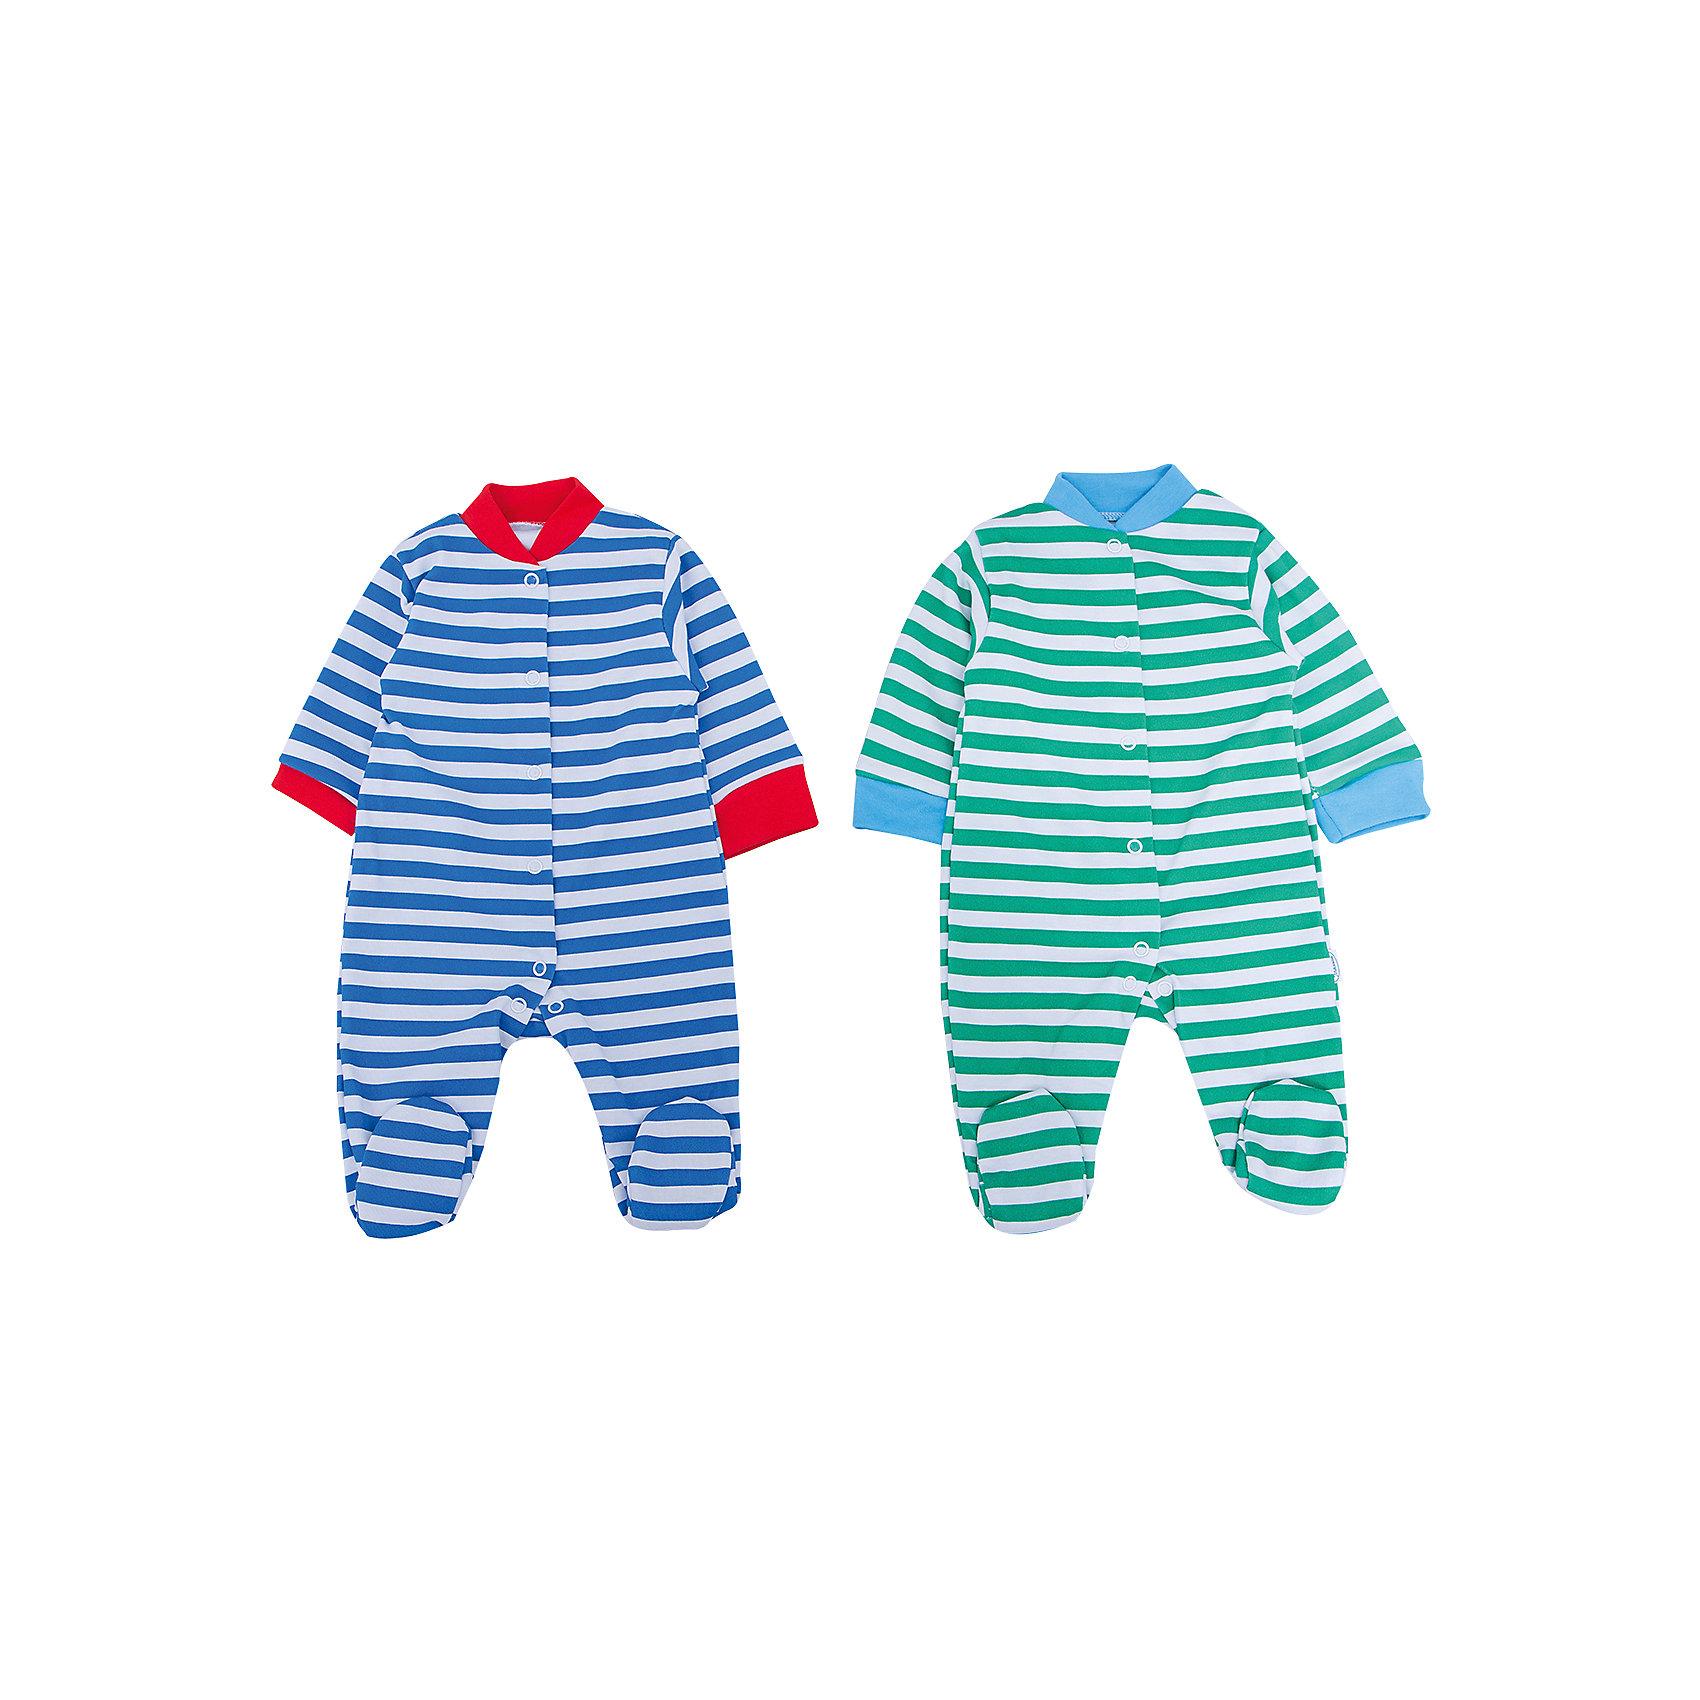 Комбинезон для мальчика, 2 шт. Веселый малышКомбинезоны<br>Одежда для малышей должна быть удобной и качественной - это один из необходимых факторов для правильного развития и хорошего самочувствия ребенка.<br>Эти комбинезоны отличаются высоким качеством швов, продуманным кроем, что позволяет им хорошо фиксироваться на теле малыша, не сползать и не натирать. Застежки - удобные кнопки, которые не мешают ребенку. Материал - интерлок. Это плотная ткань из натурального хлопка, гладкая, приятная на ощупь, дышащая и гипоаллергенная. Расцветка изделий позволяет легко комбинировать их с различной одеждой. В наборе - два комбинезона разных цветов.<br><br>Дополнительная информация:<br><br>материал: 100% хлопок интерлок;<br>застежки: кнопки;<br>длинный рукав;<br>комплектация: 2 комбинезона.<br><br>Комплект комбинезонов от бренда Веселый малыш можно купить в нашем магазине.<br><br>Ширина мм: 157<br>Глубина мм: 13<br>Высота мм: 119<br>Вес г: 200<br>Цвет: зеленый<br>Возраст от месяцев: 3<br>Возраст до месяцев: 6<br>Пол: Мужской<br>Возраст: Детский<br>Размер: 68,62,74,56,80<br>SKU: 4810274